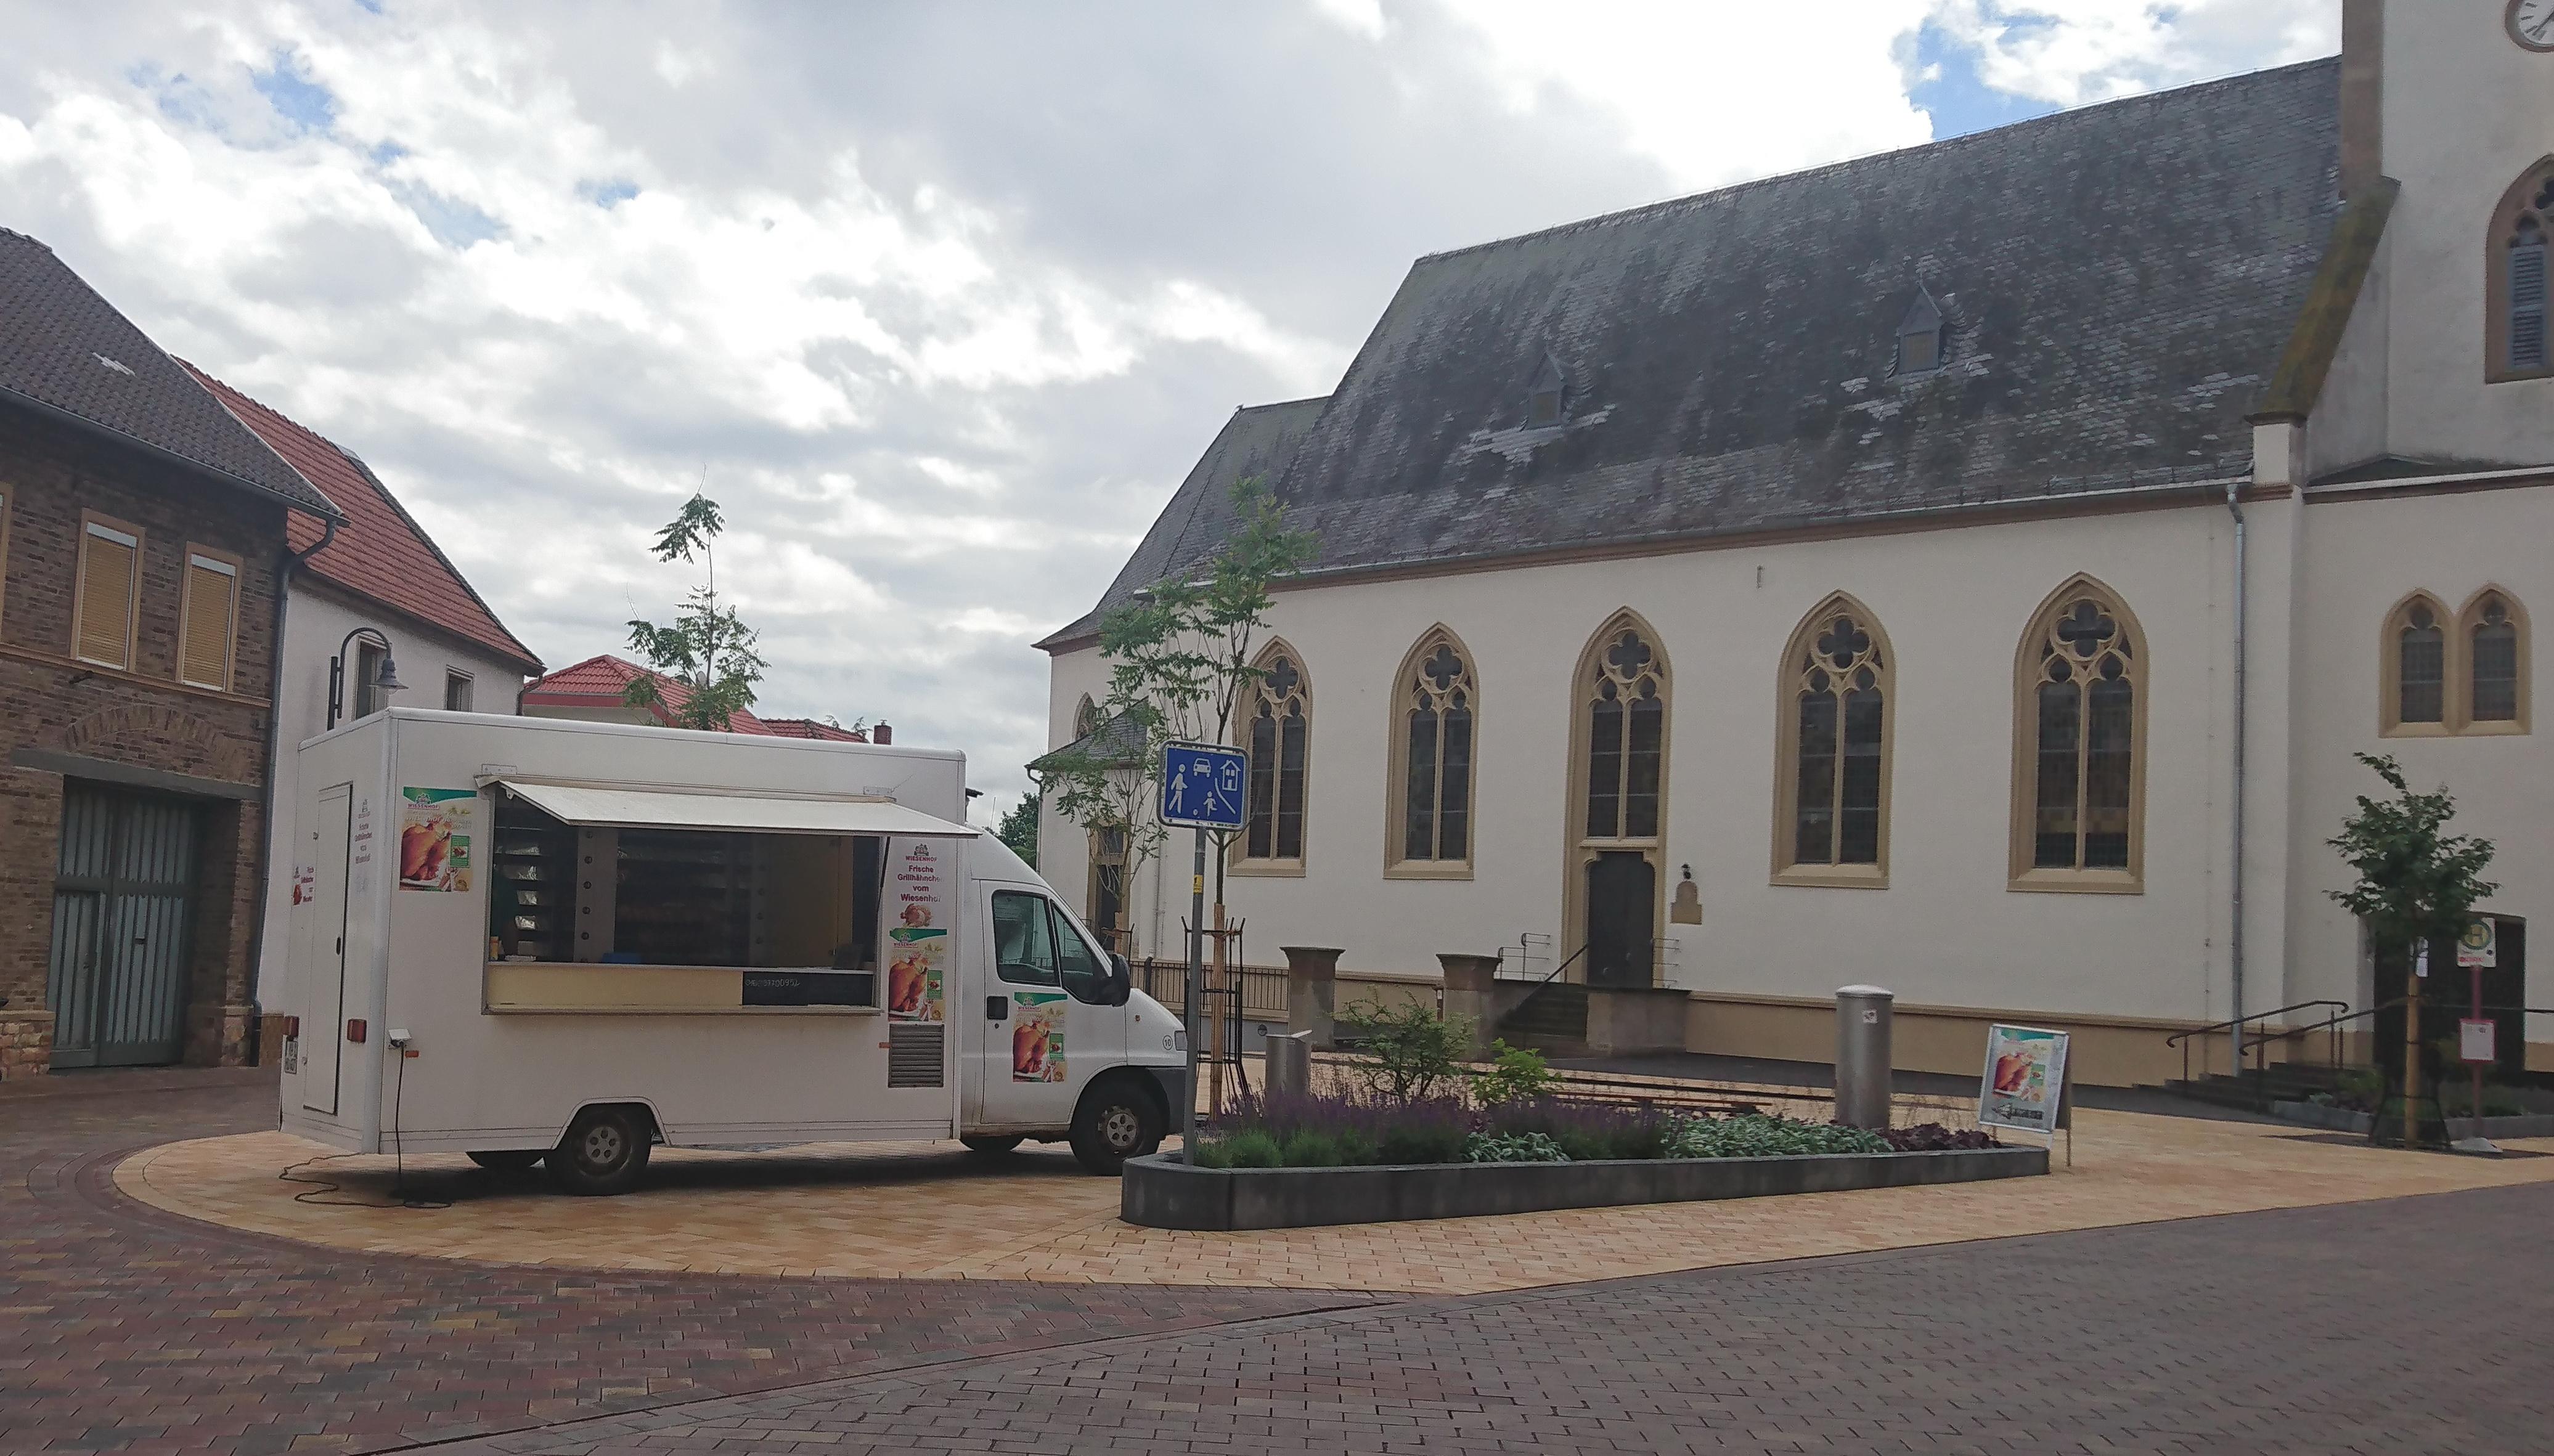 mobiler Hähnchgrill am Dorfplatz